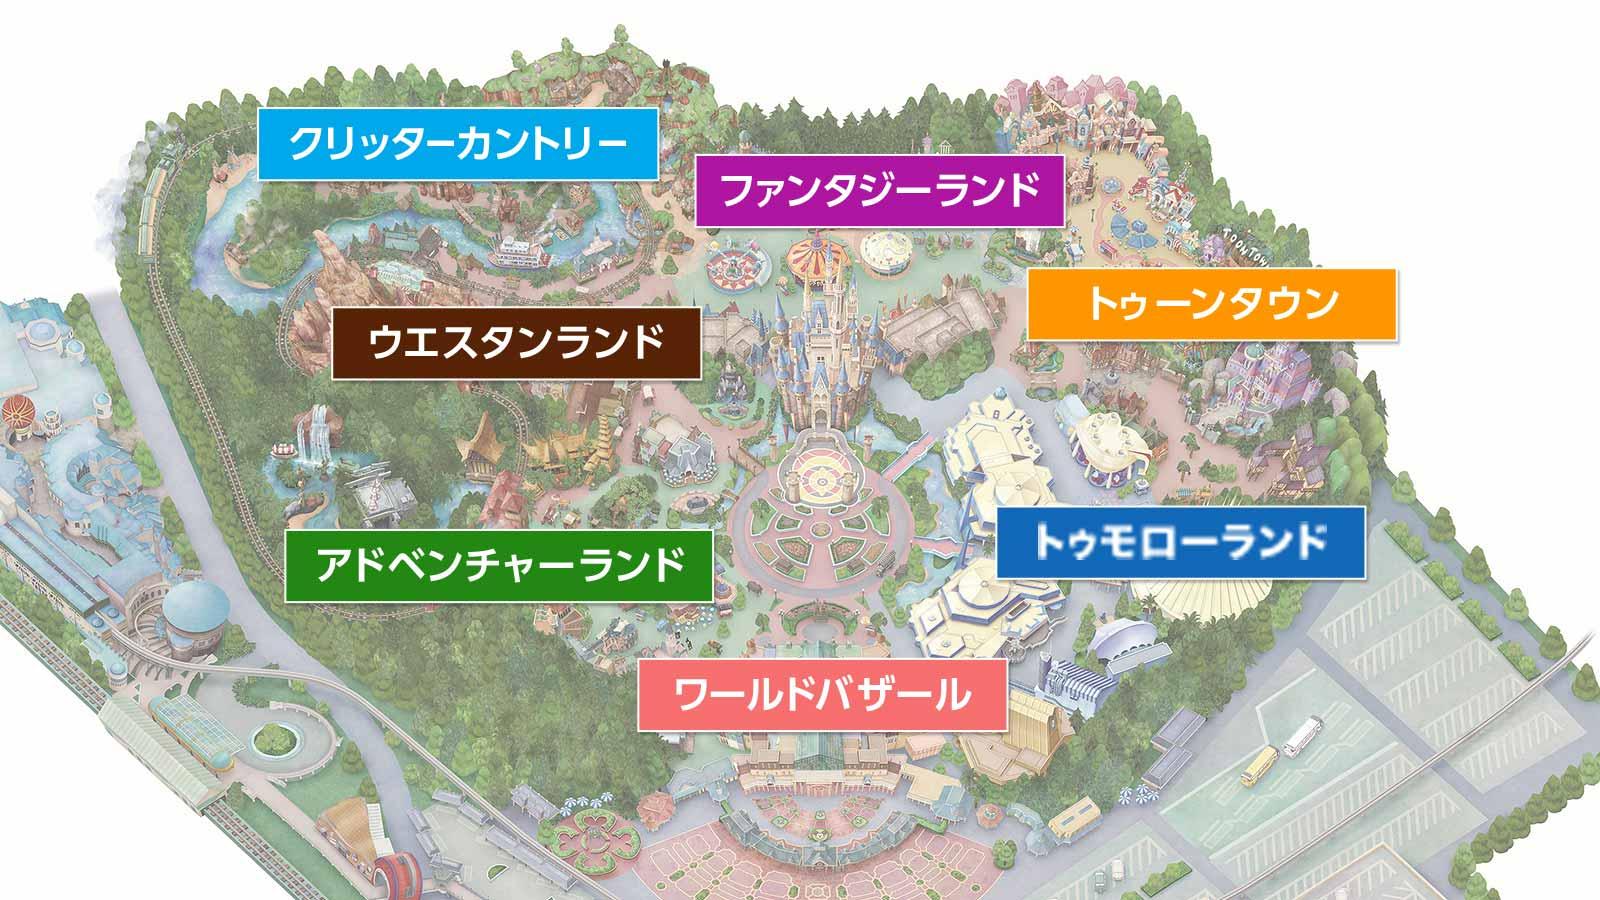 東京ディズニーランド地図画像